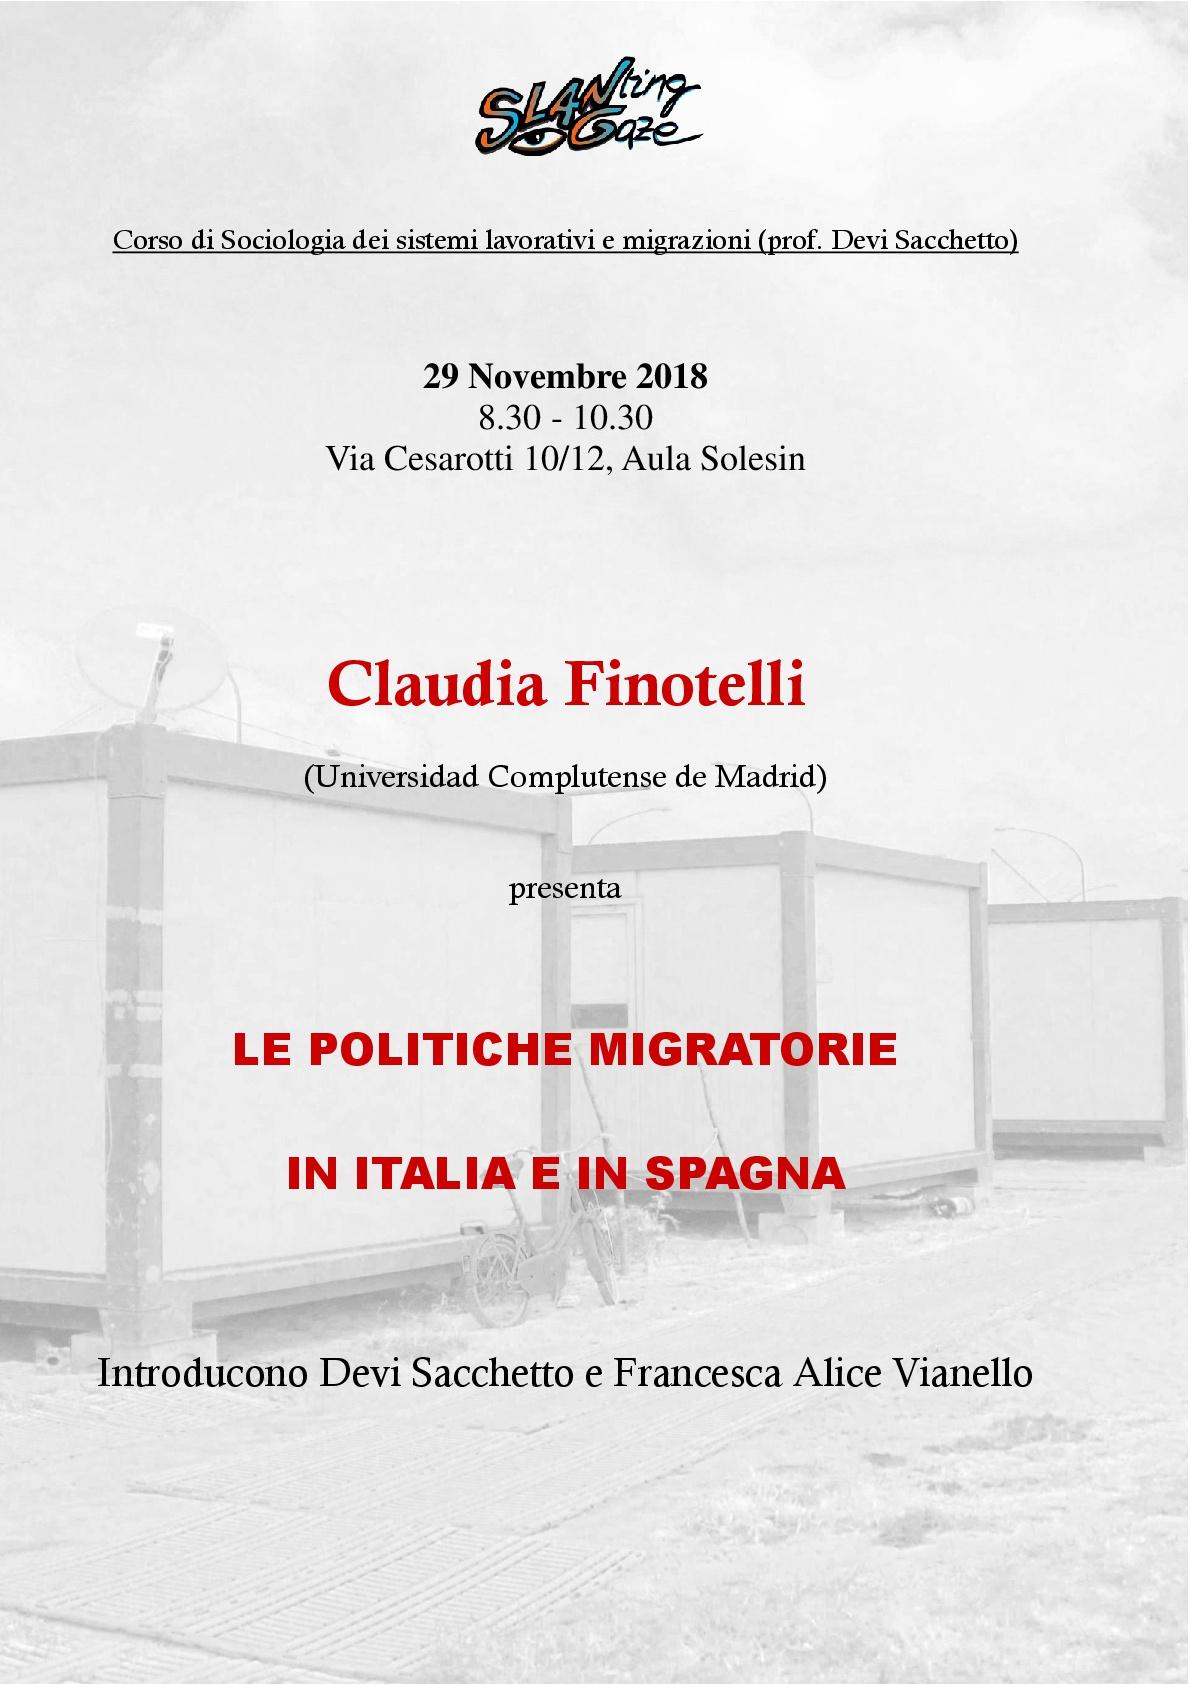 """Claudia Finotelli """"LE POLITICHE MIGRATORIE IN ITALIA E IN SPAGNA"""" Thumb"""